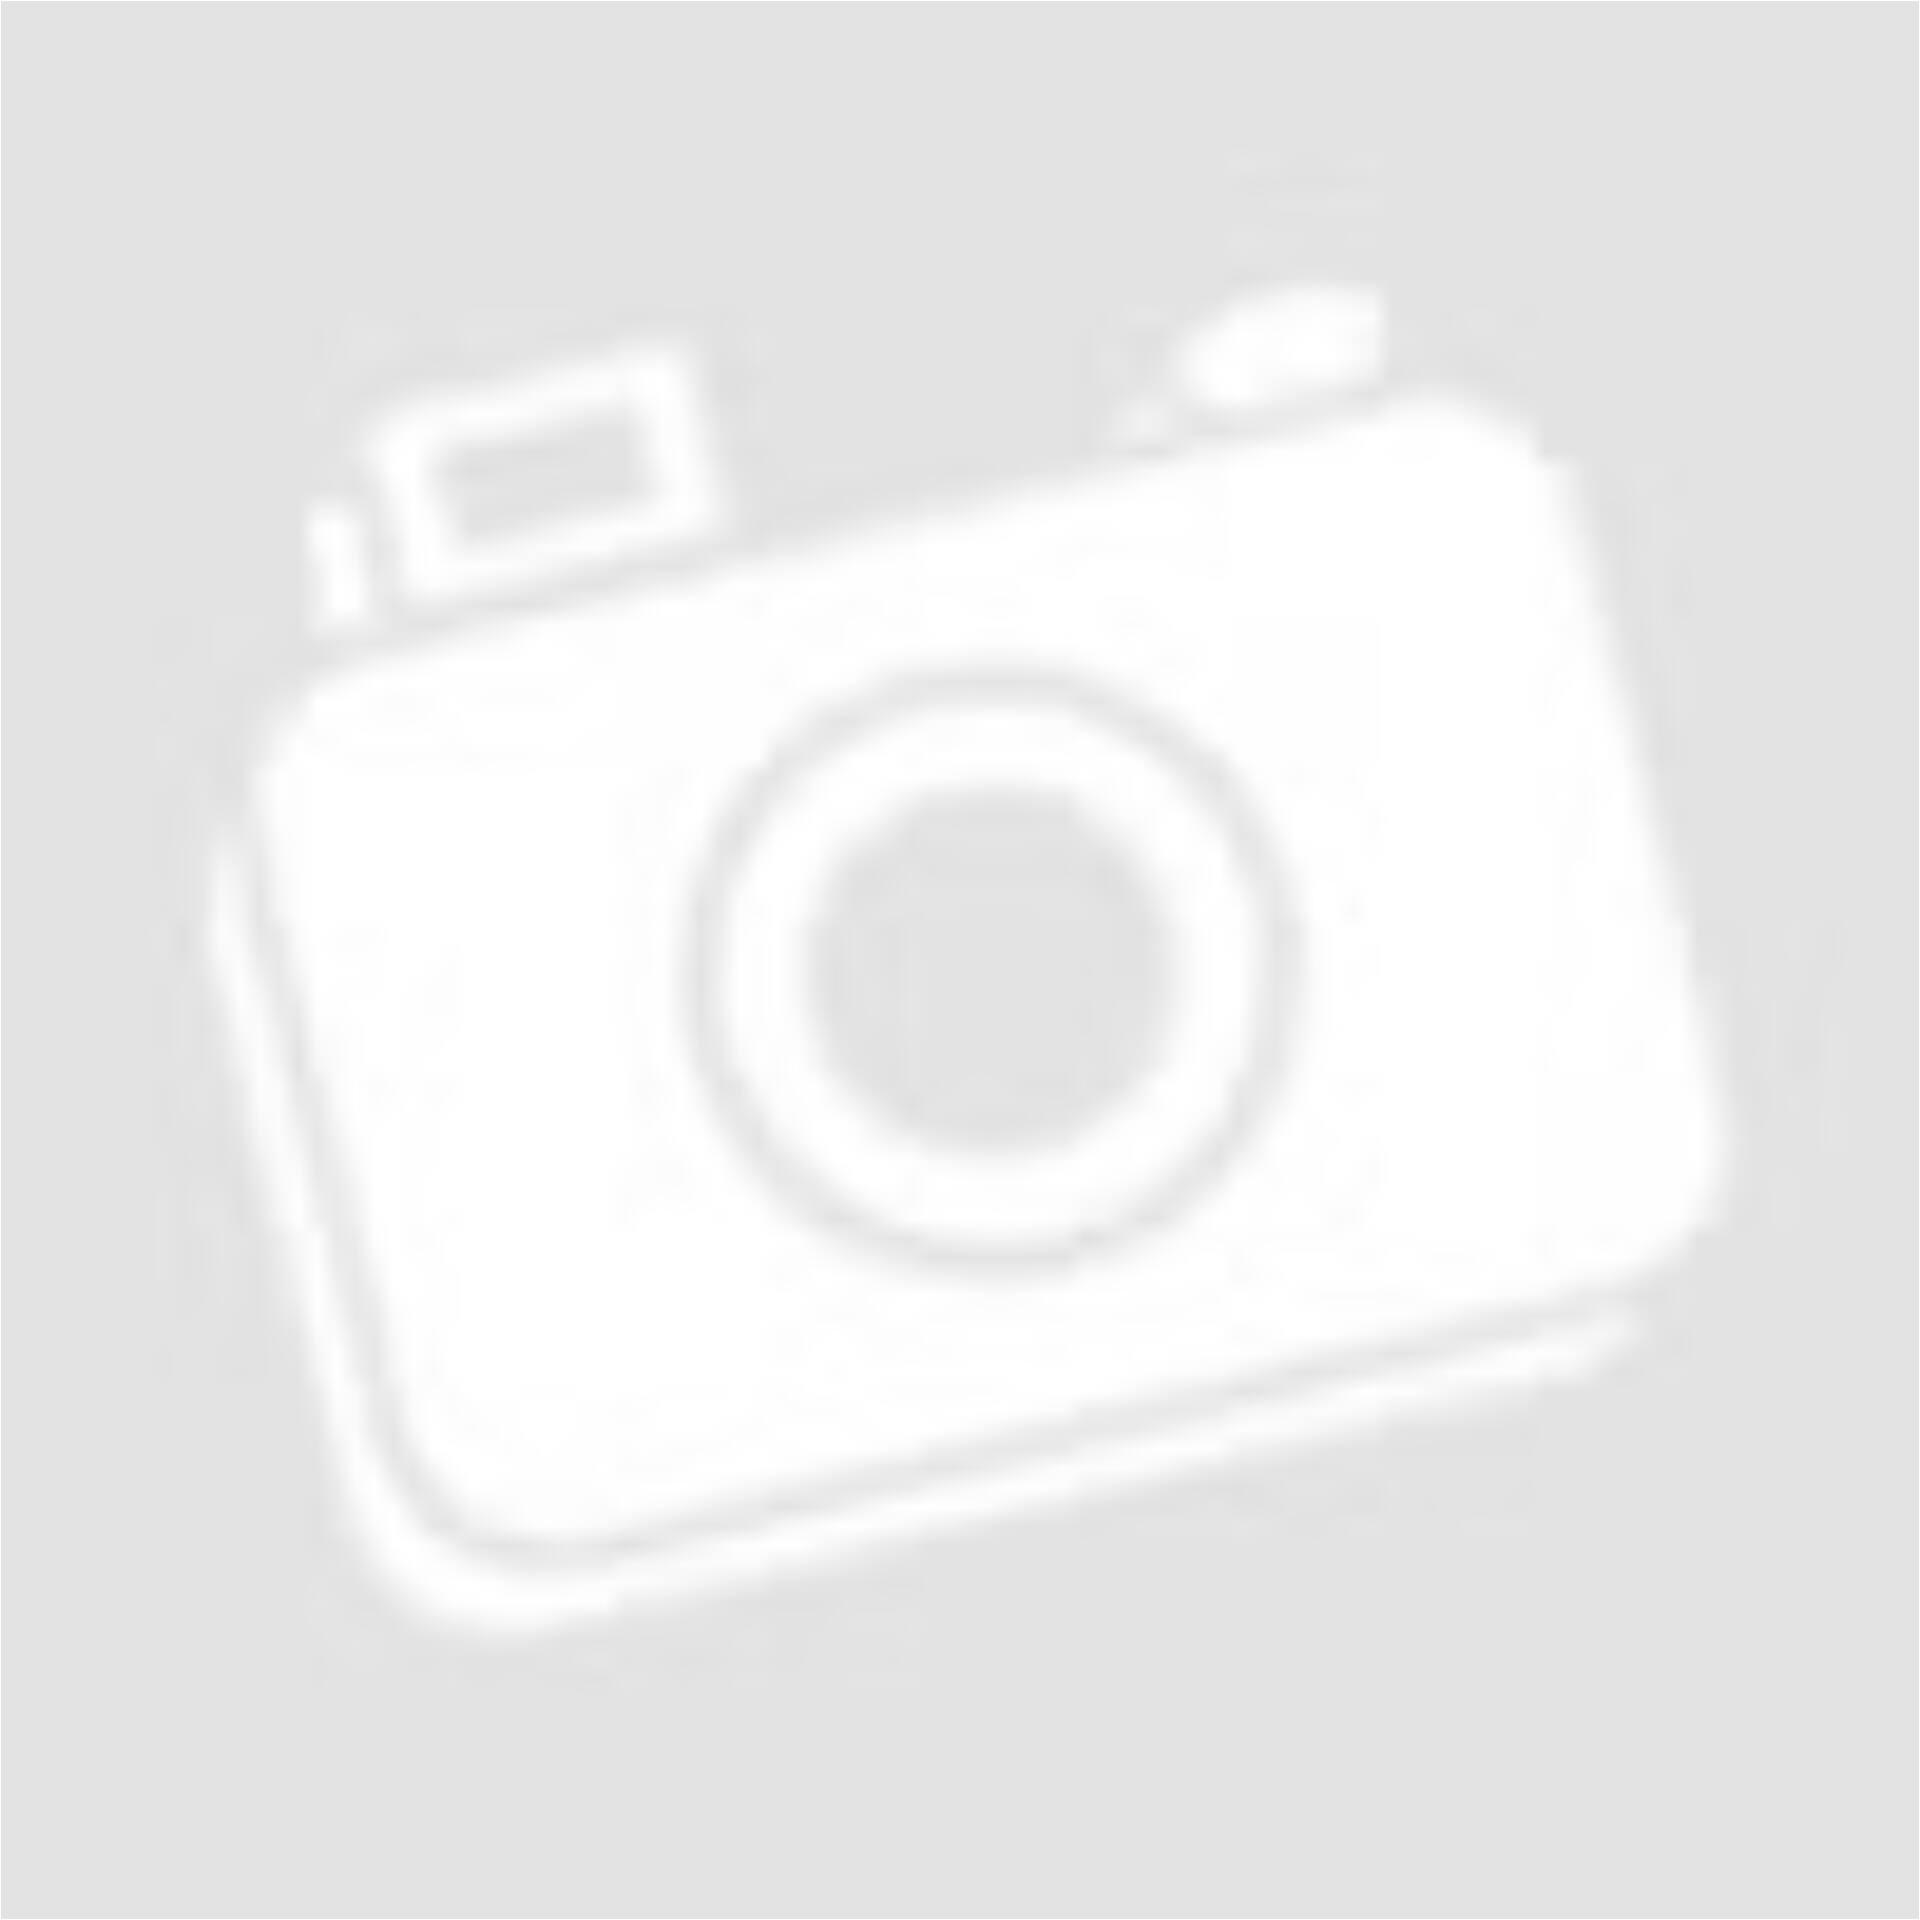 4b0b5ce1d1 H&M DIVIDED kék színű kockás férfi ing (Méret: L) - Ing - Öltözz ki ...